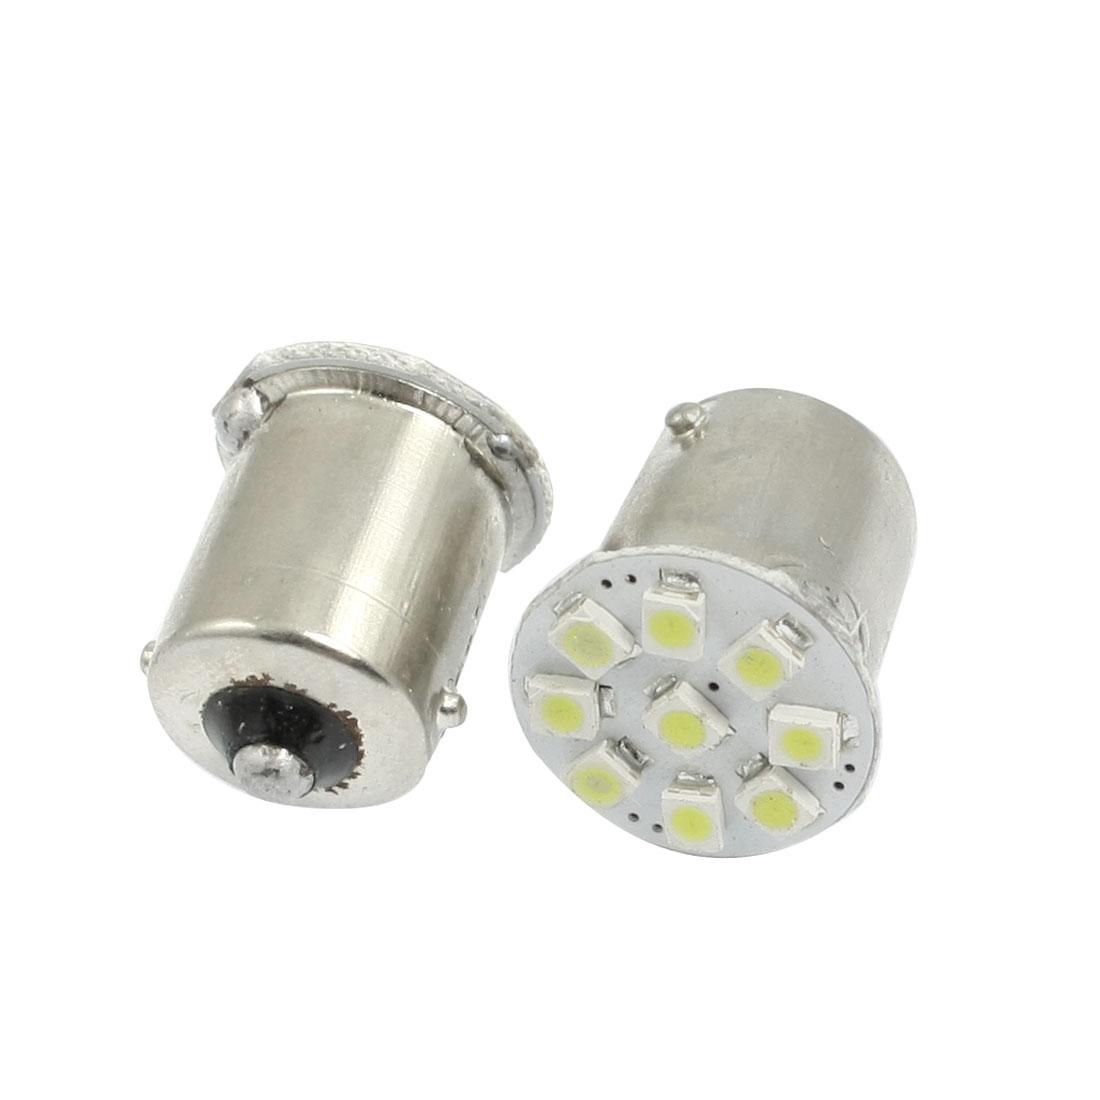 2 Pcs BA15S 1156 Car LED Bulb 9 1210 SMD Signal Turn Tail Light White